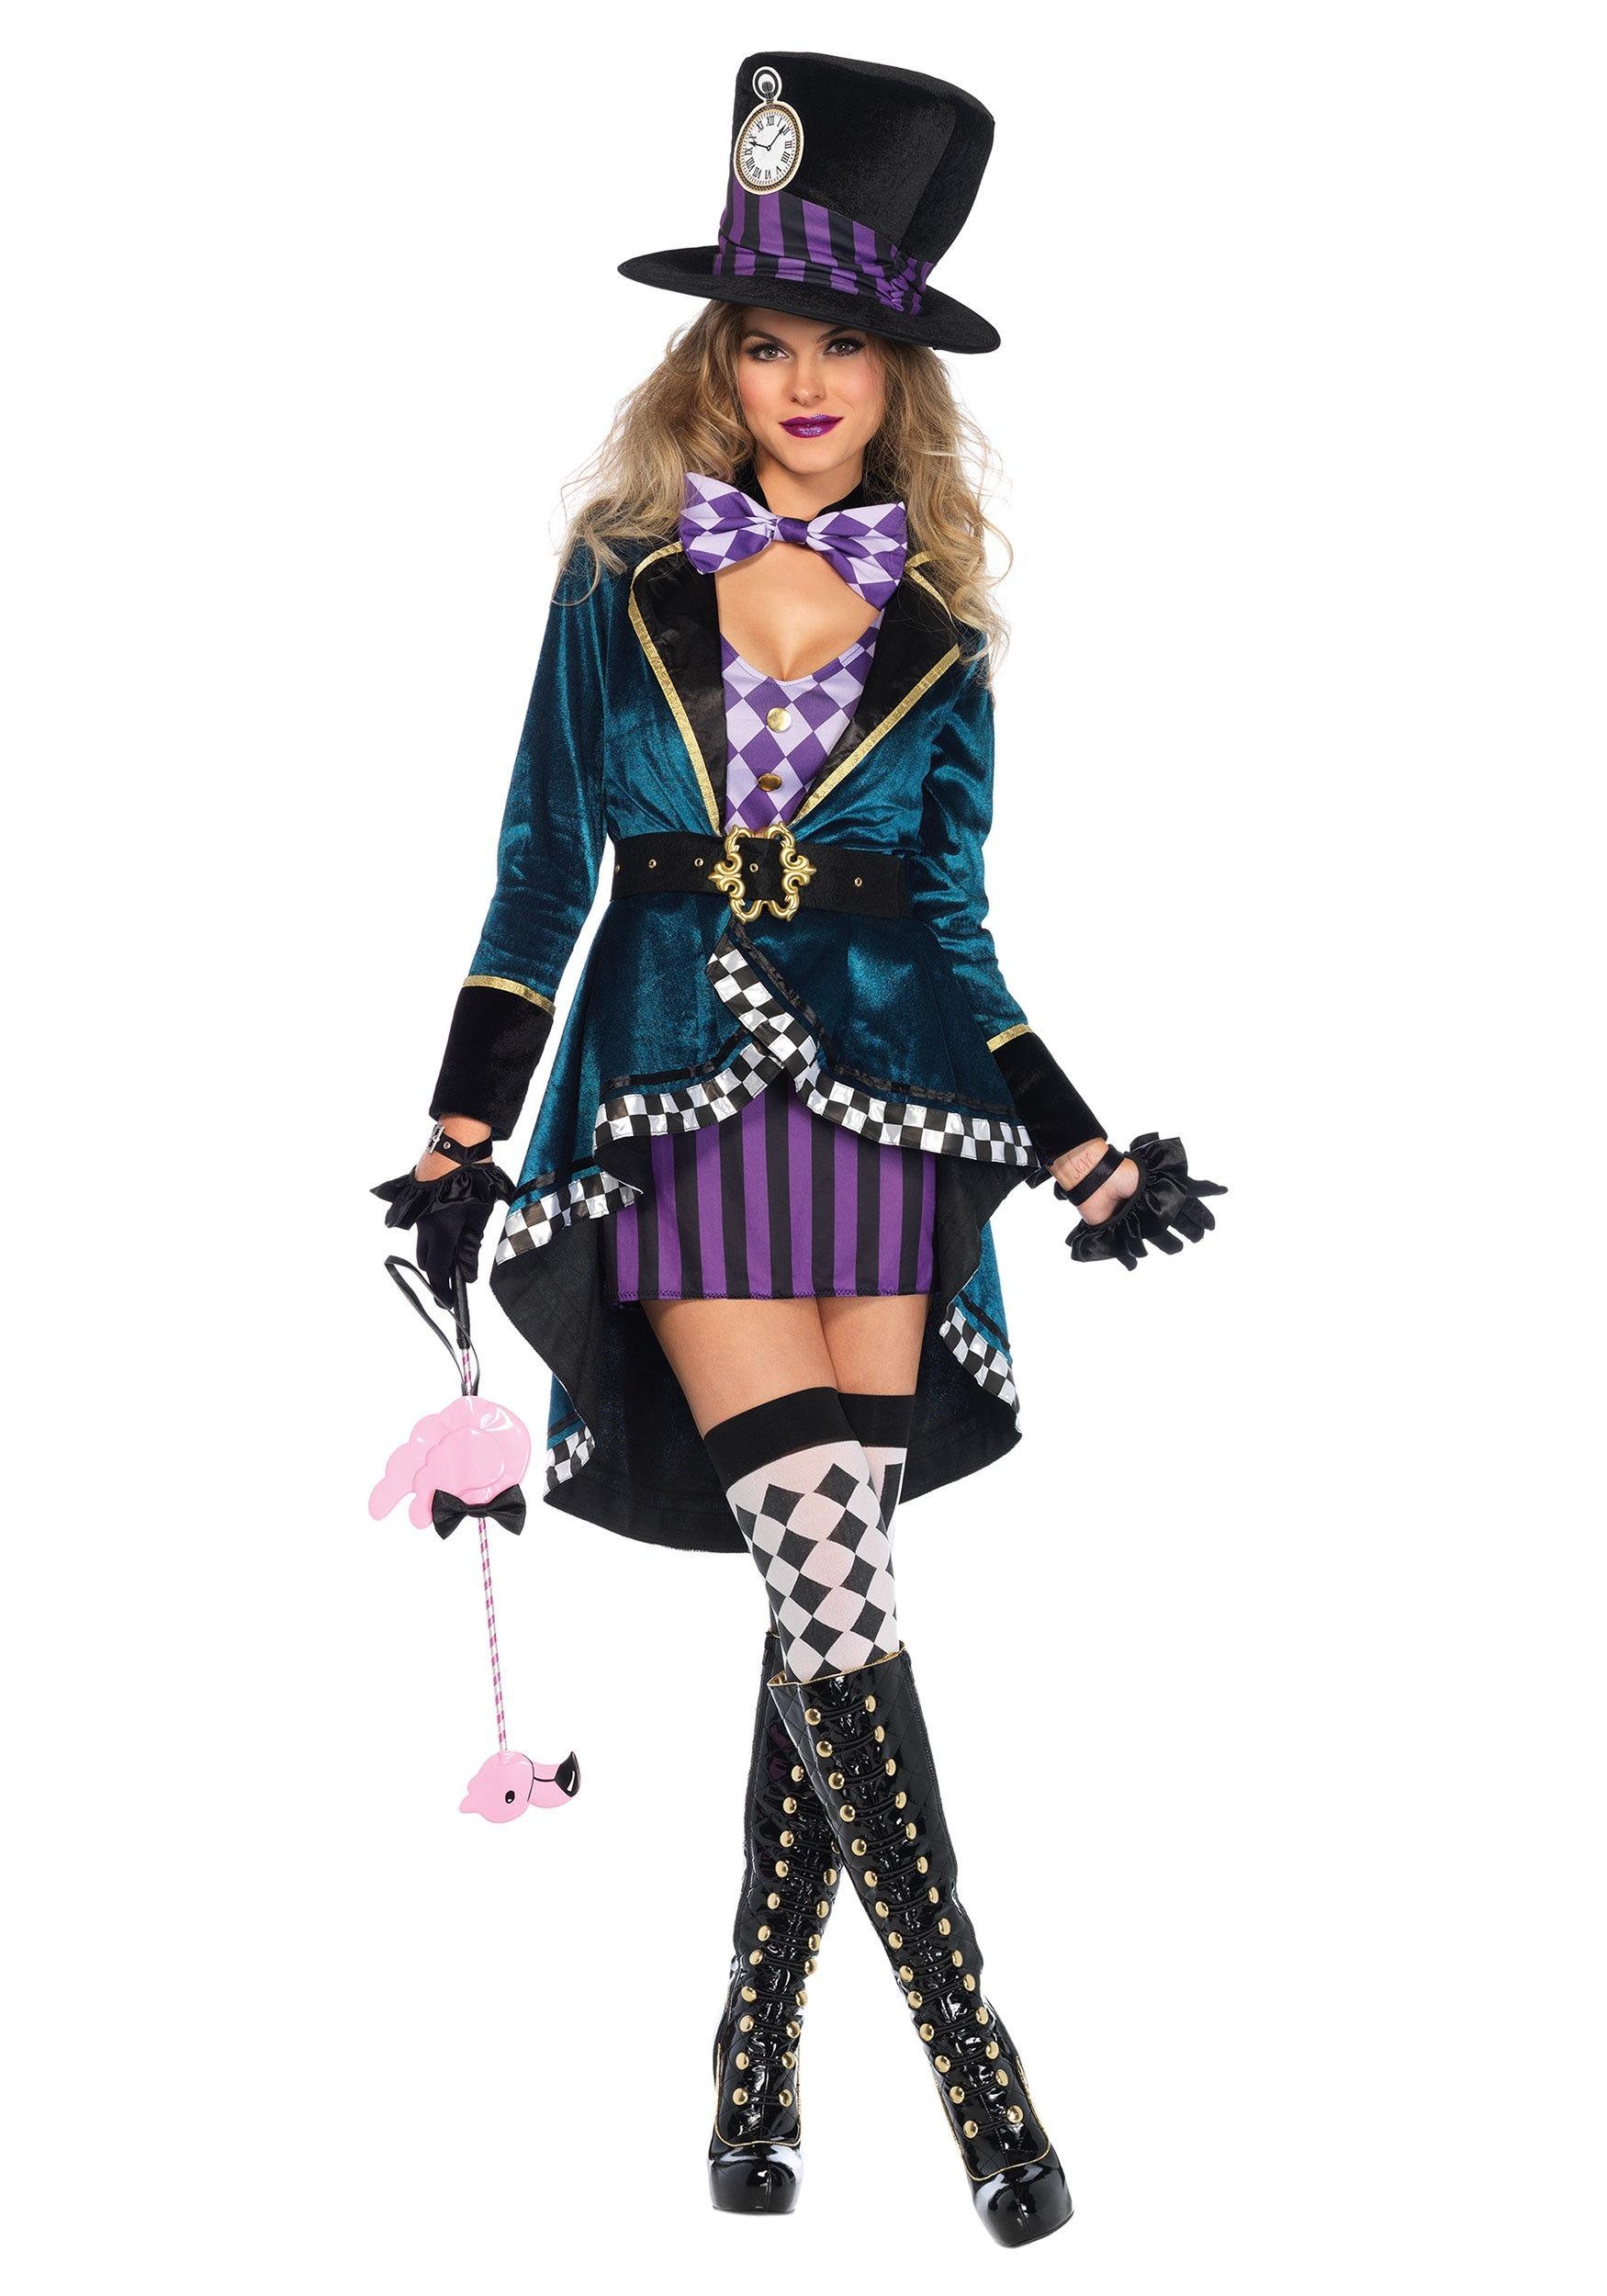 Delightful Hatter Costume for Women